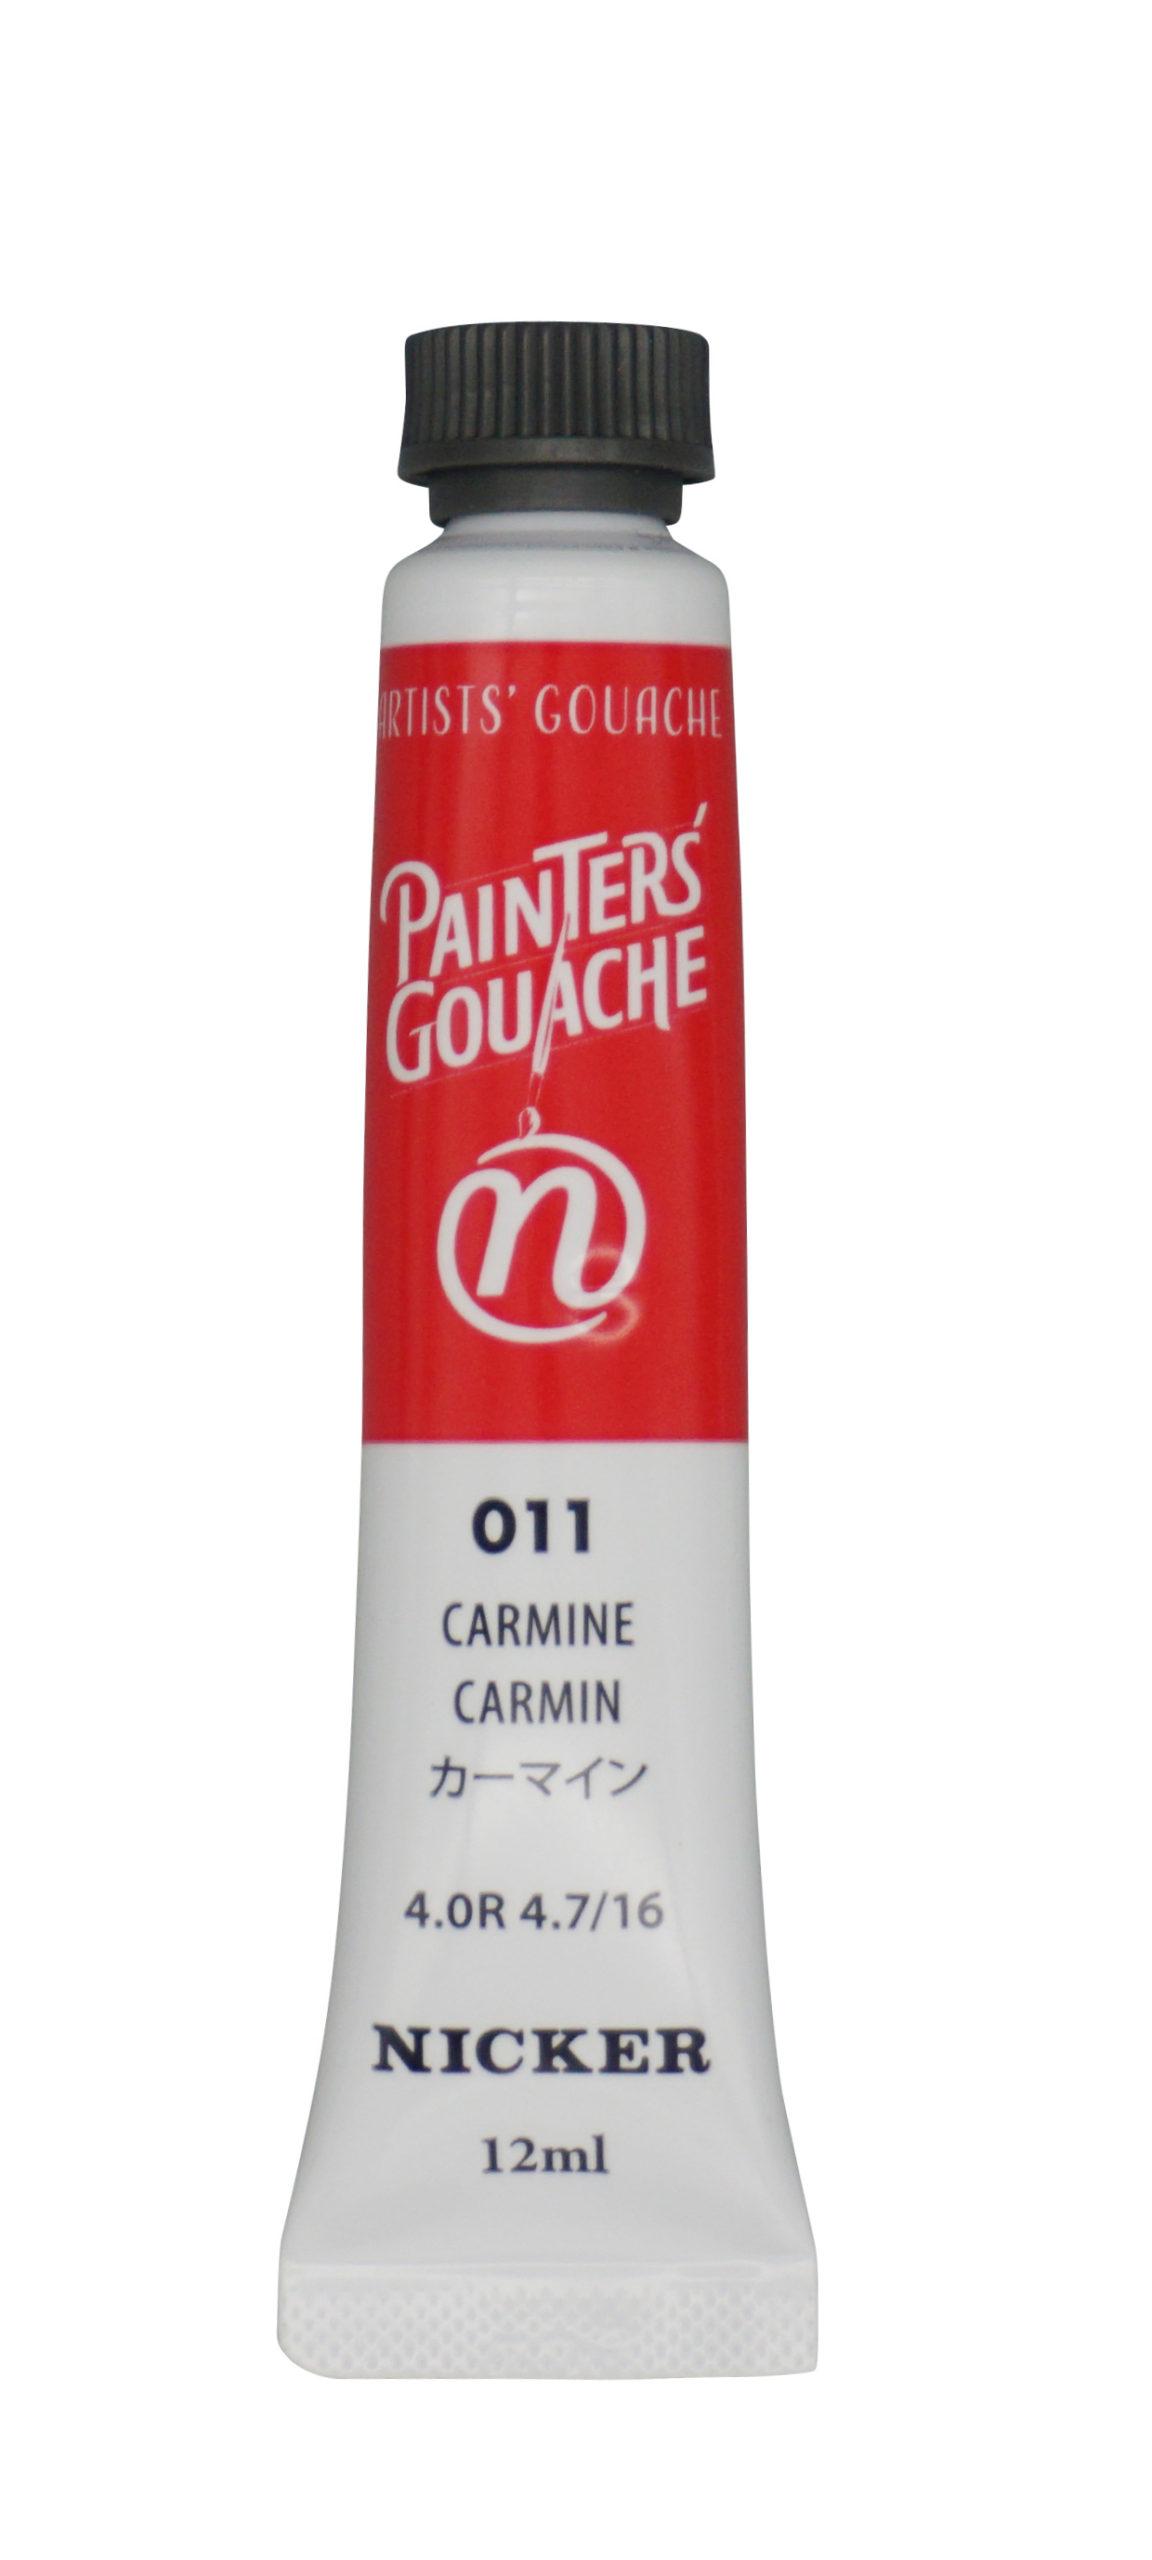 PAINTER'S GOUACHE CARMINE